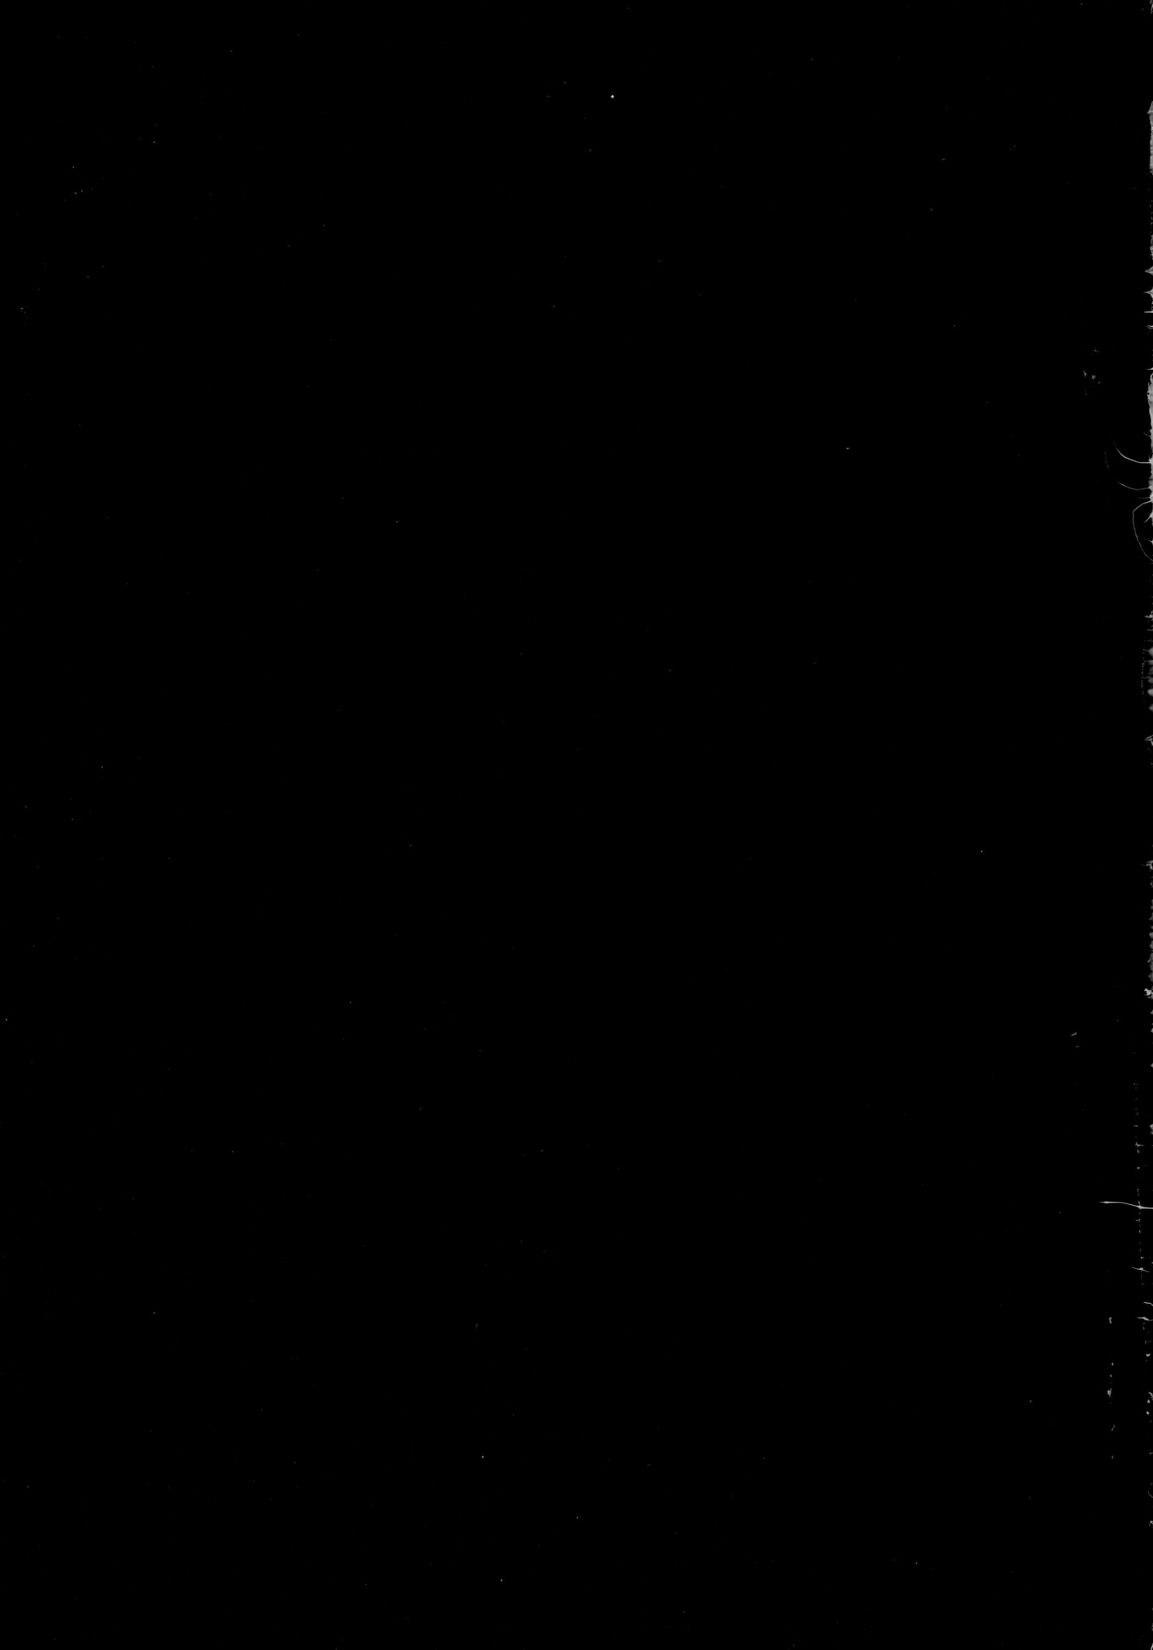 【ダンまちエロ同人誌】ロリ巨乳なヘスティア様とリリがベルくんを巡ってエロ勝負www【ダンジョンに出会いを求めるのは間違っているだろうか】